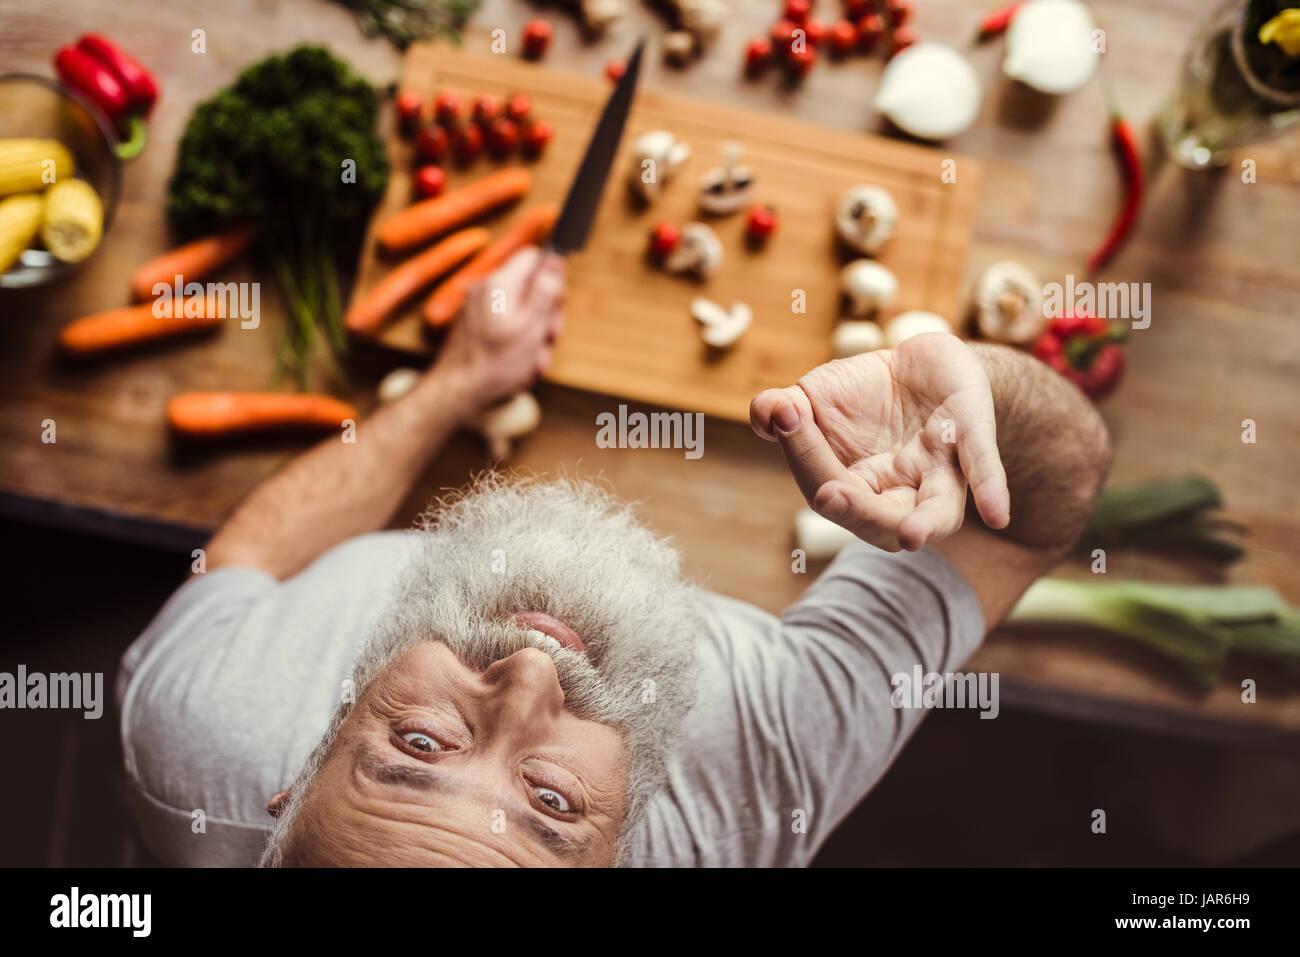 L'uomo la preparazione di cibo vegan Immagini Stock